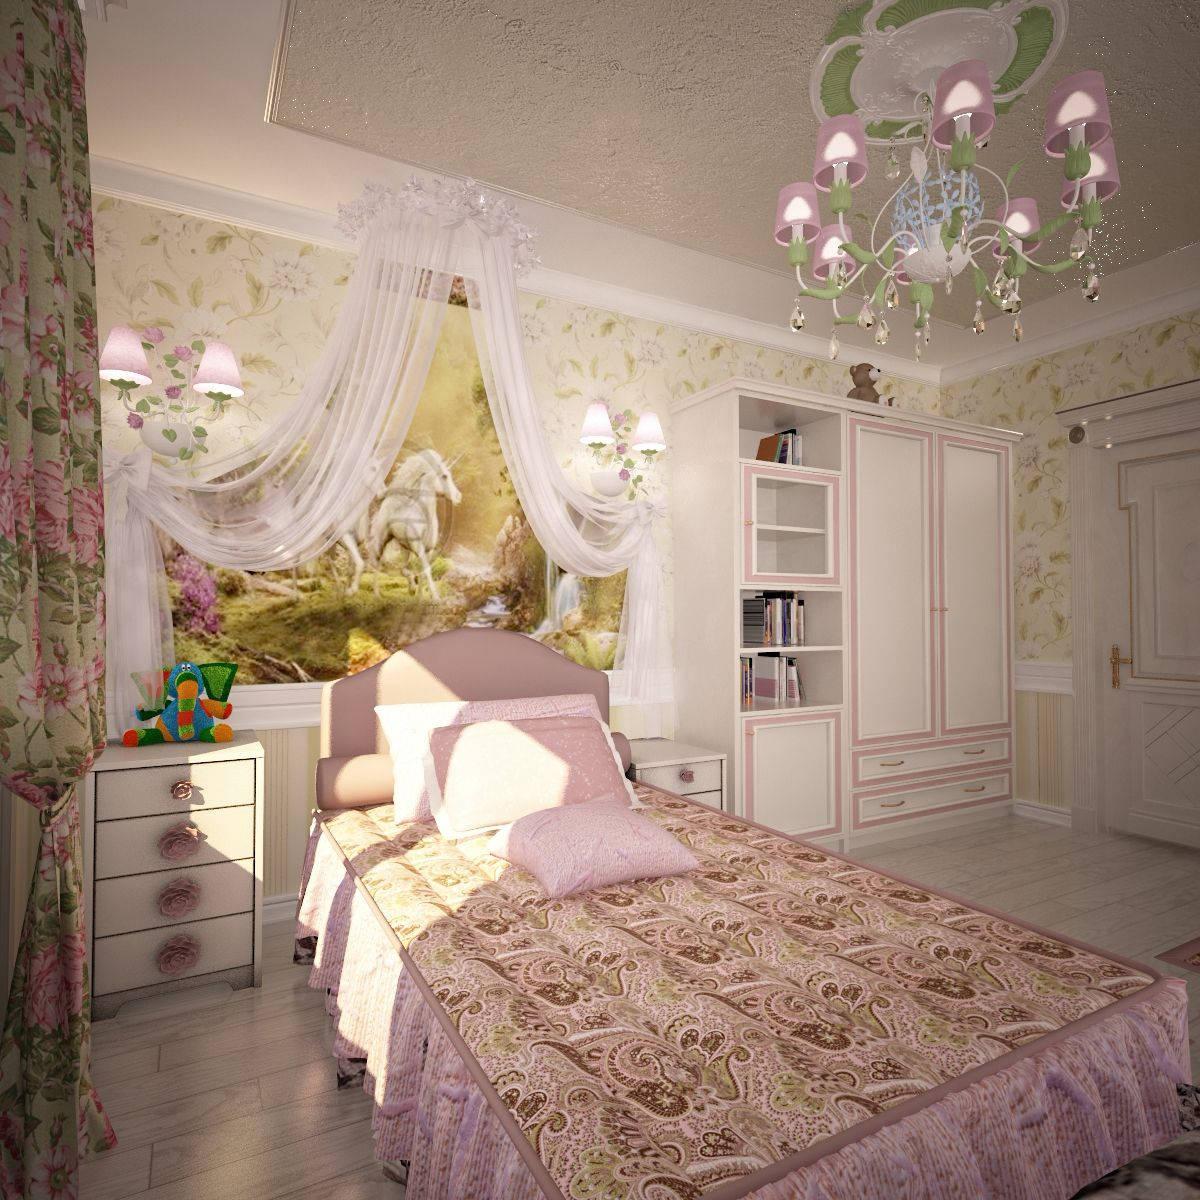 Дизайн детской комнаты Киев с балдахином кровать, розовый цвет